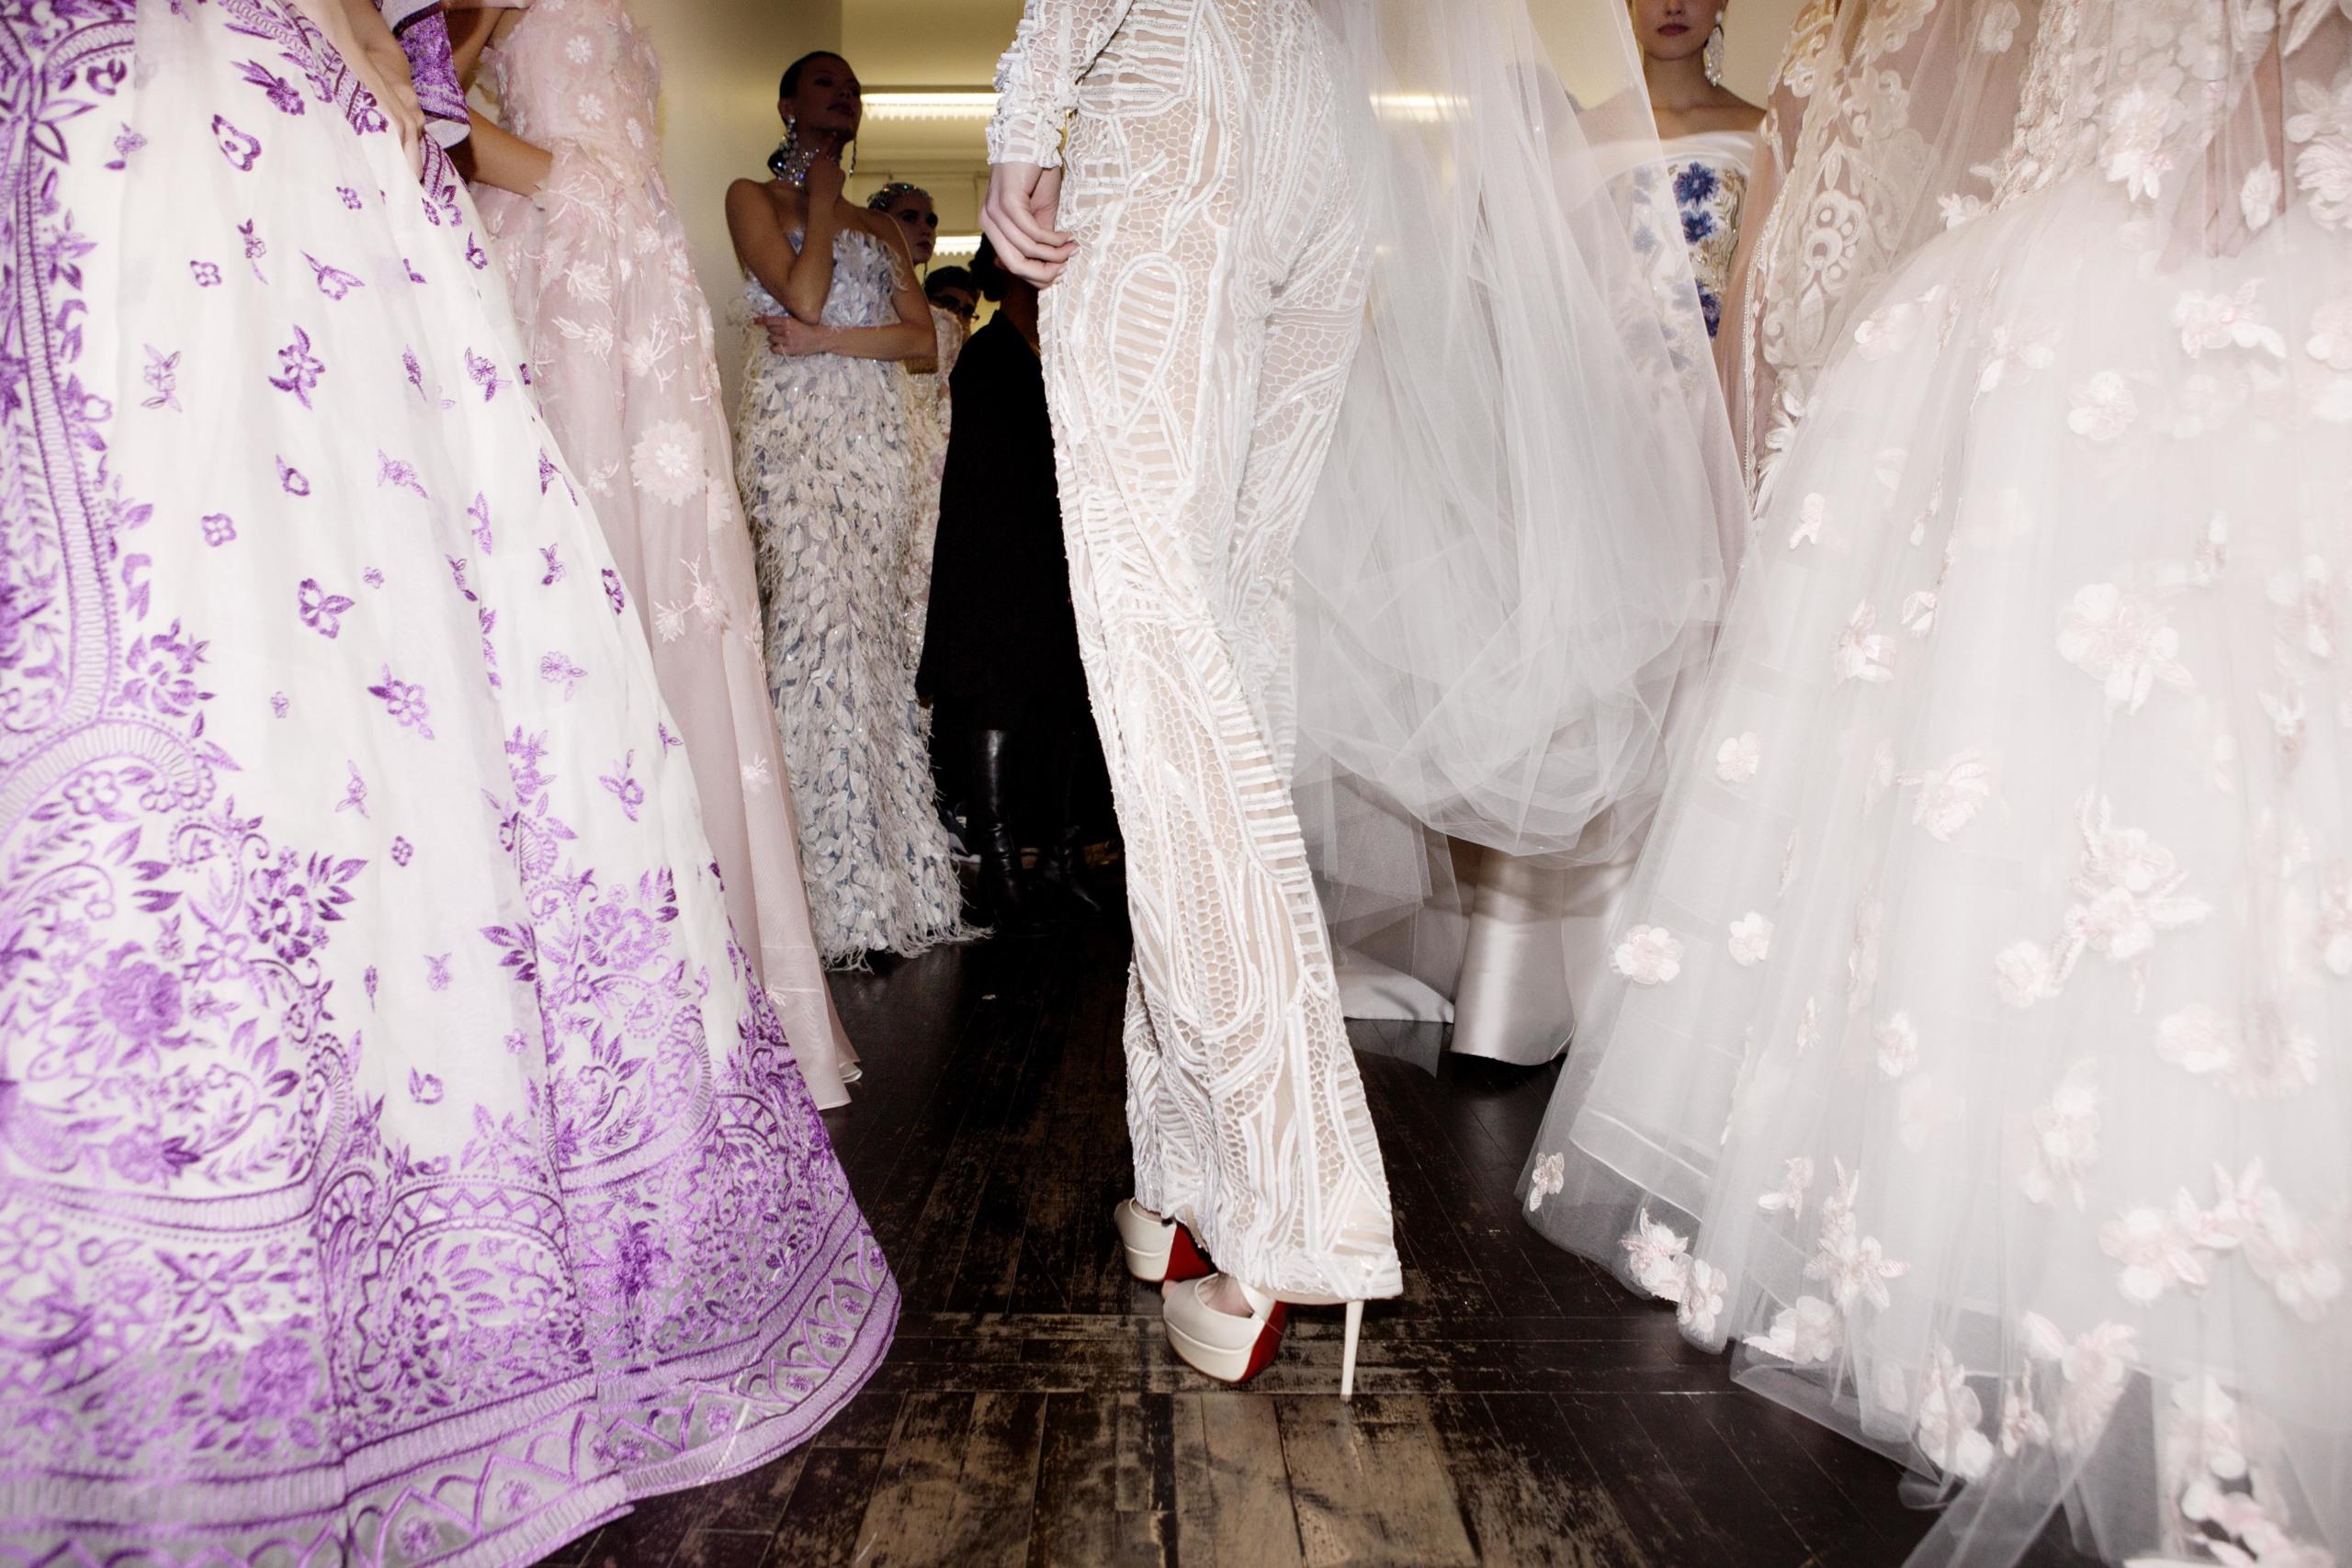 Foto de Christian Louboutin en Bridal Fashion Week 2017 (5/11)